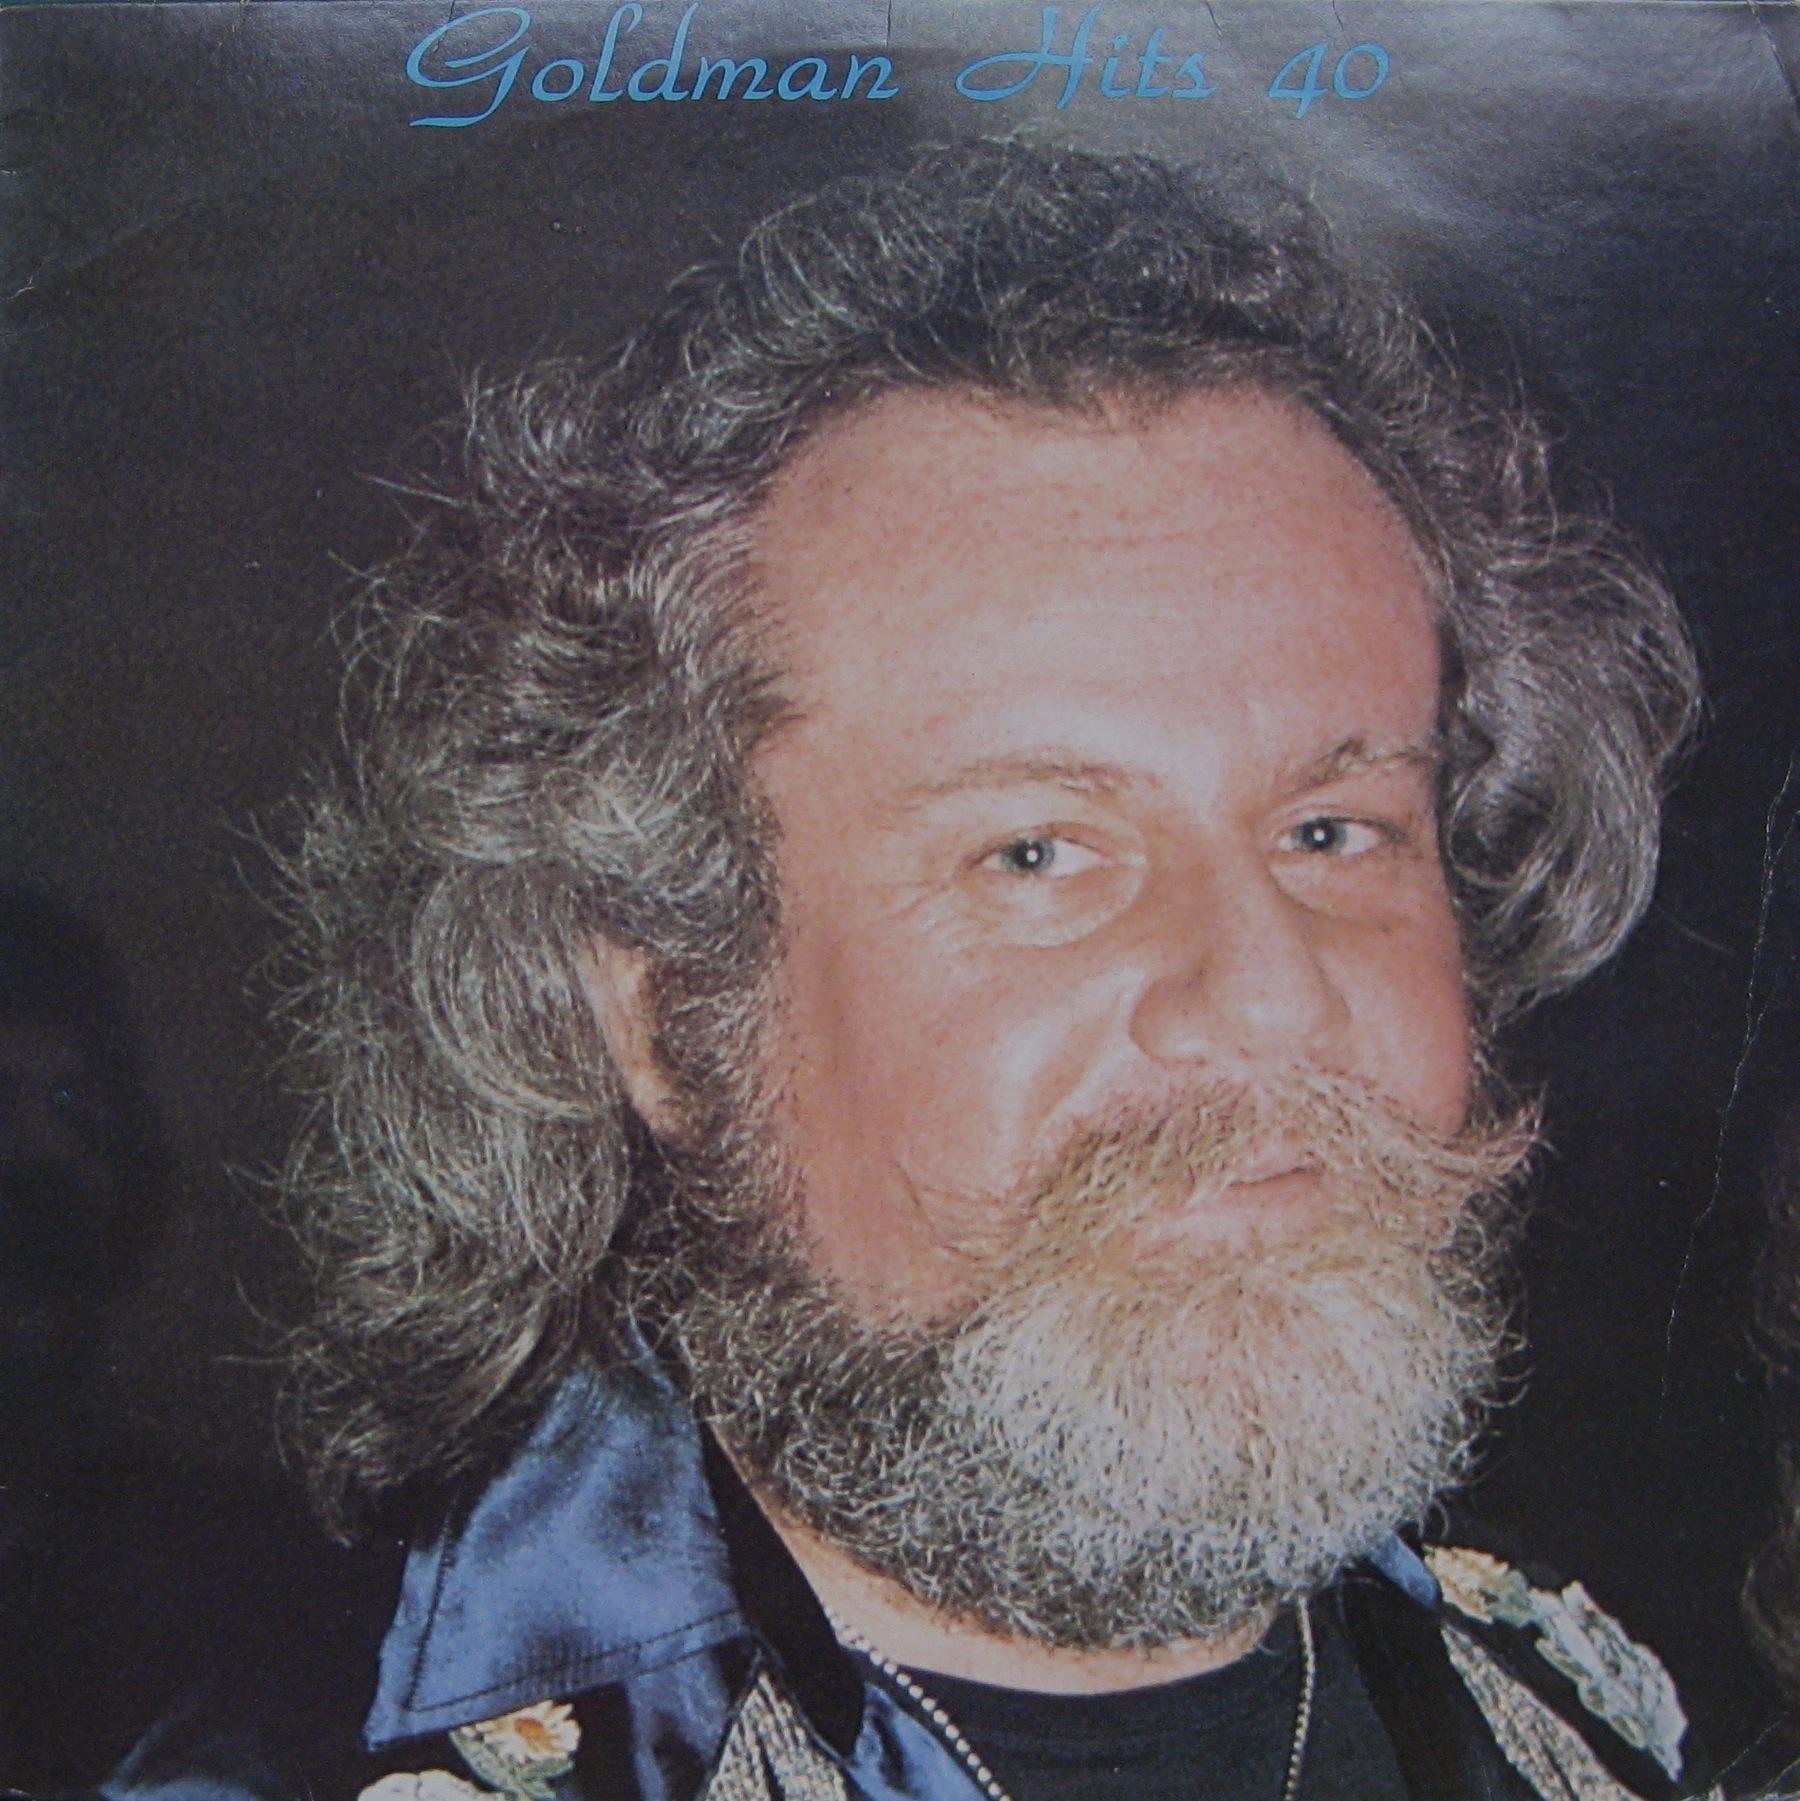 Goldman Hits 40